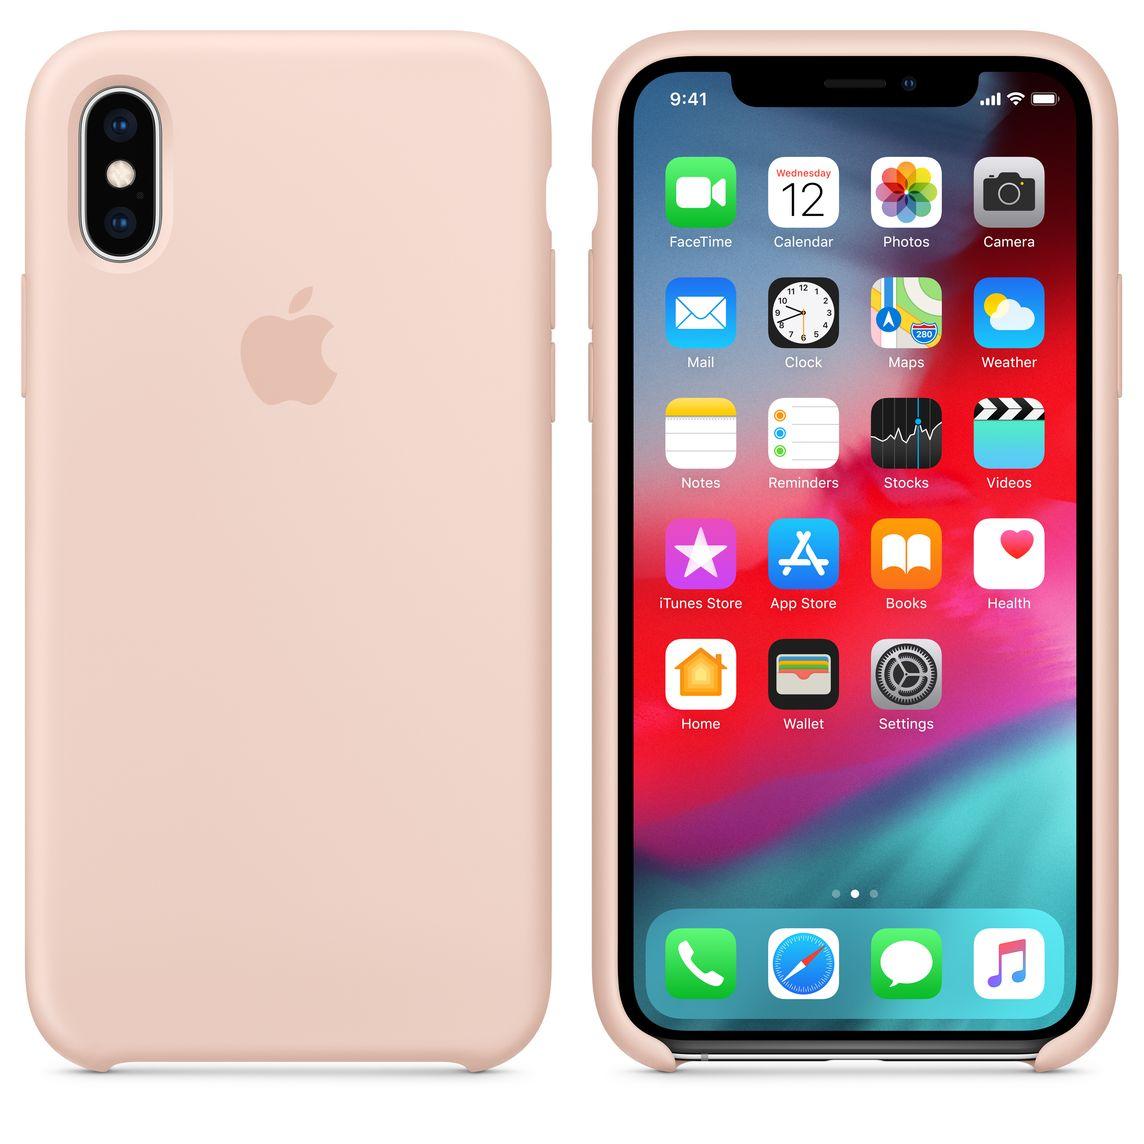 Custodia in silicone per iPhone XS - Rosa sabbia